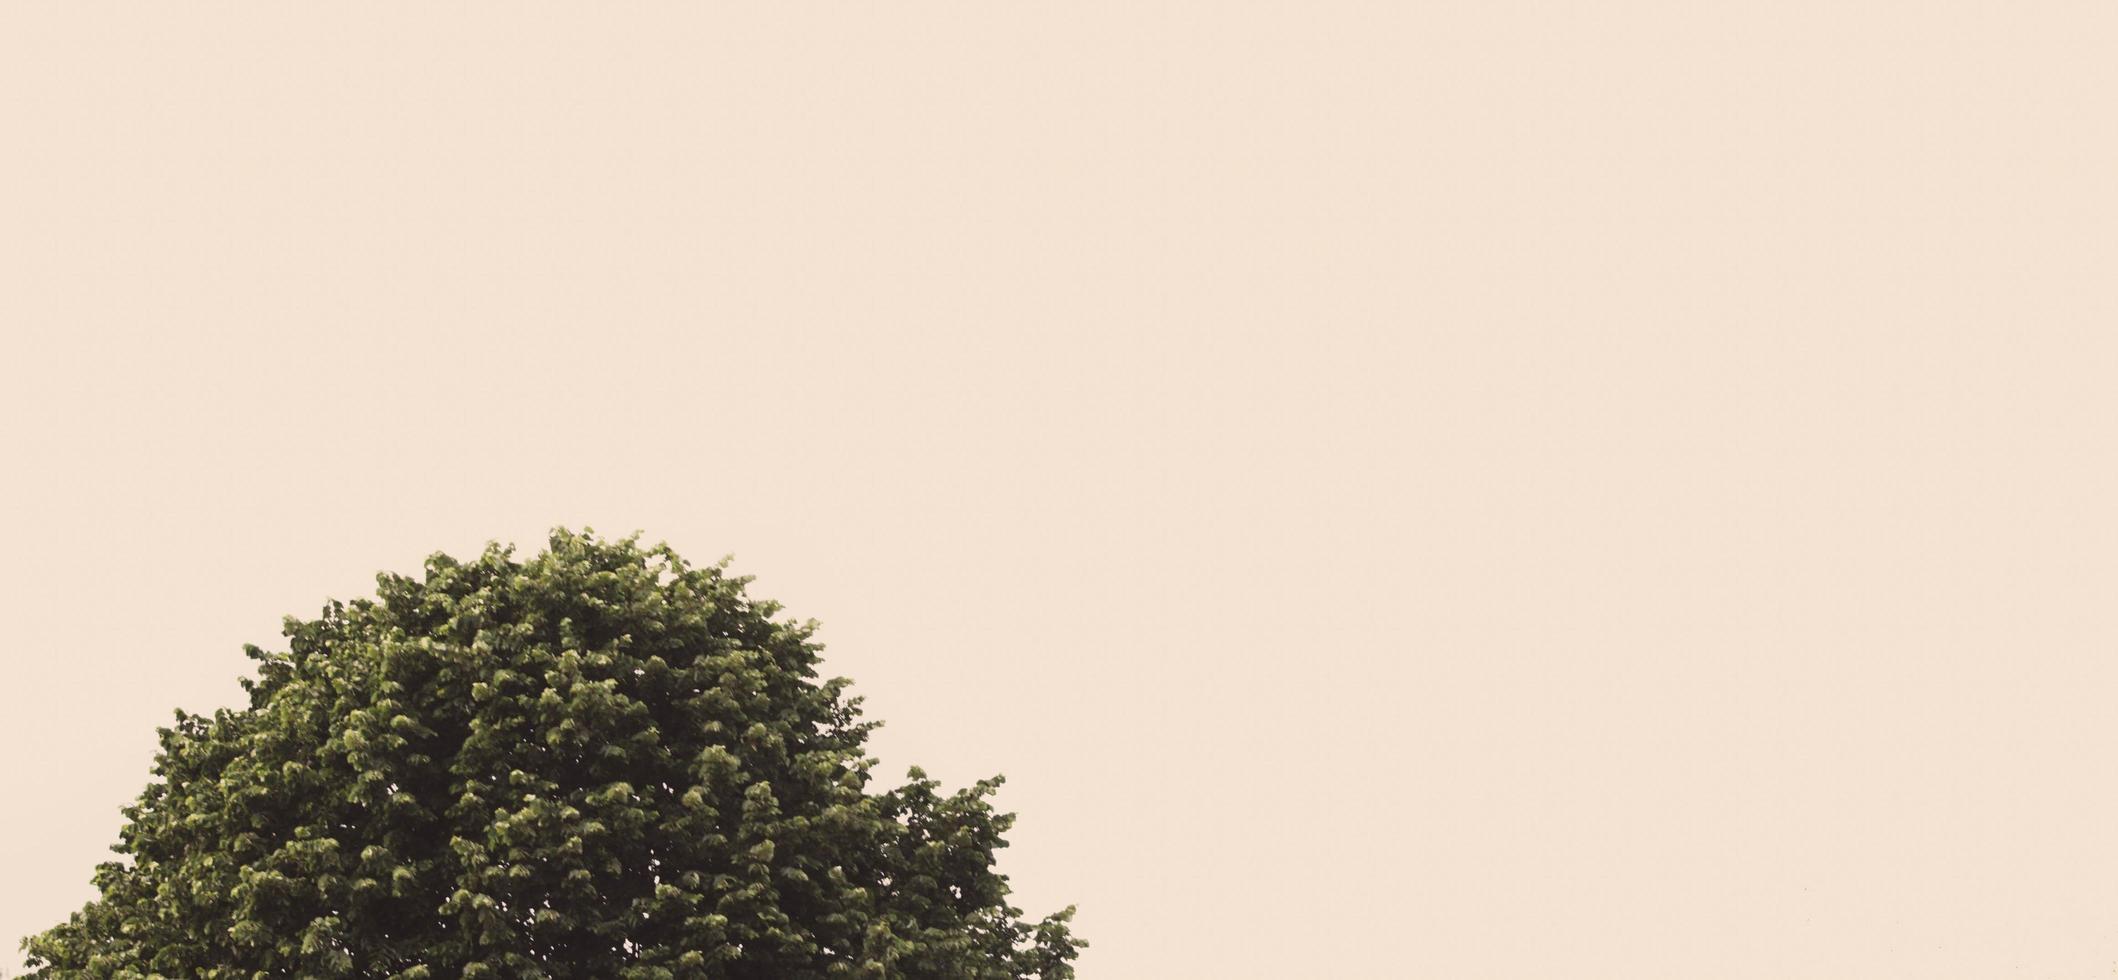 copa de los árboles al atardecer foto